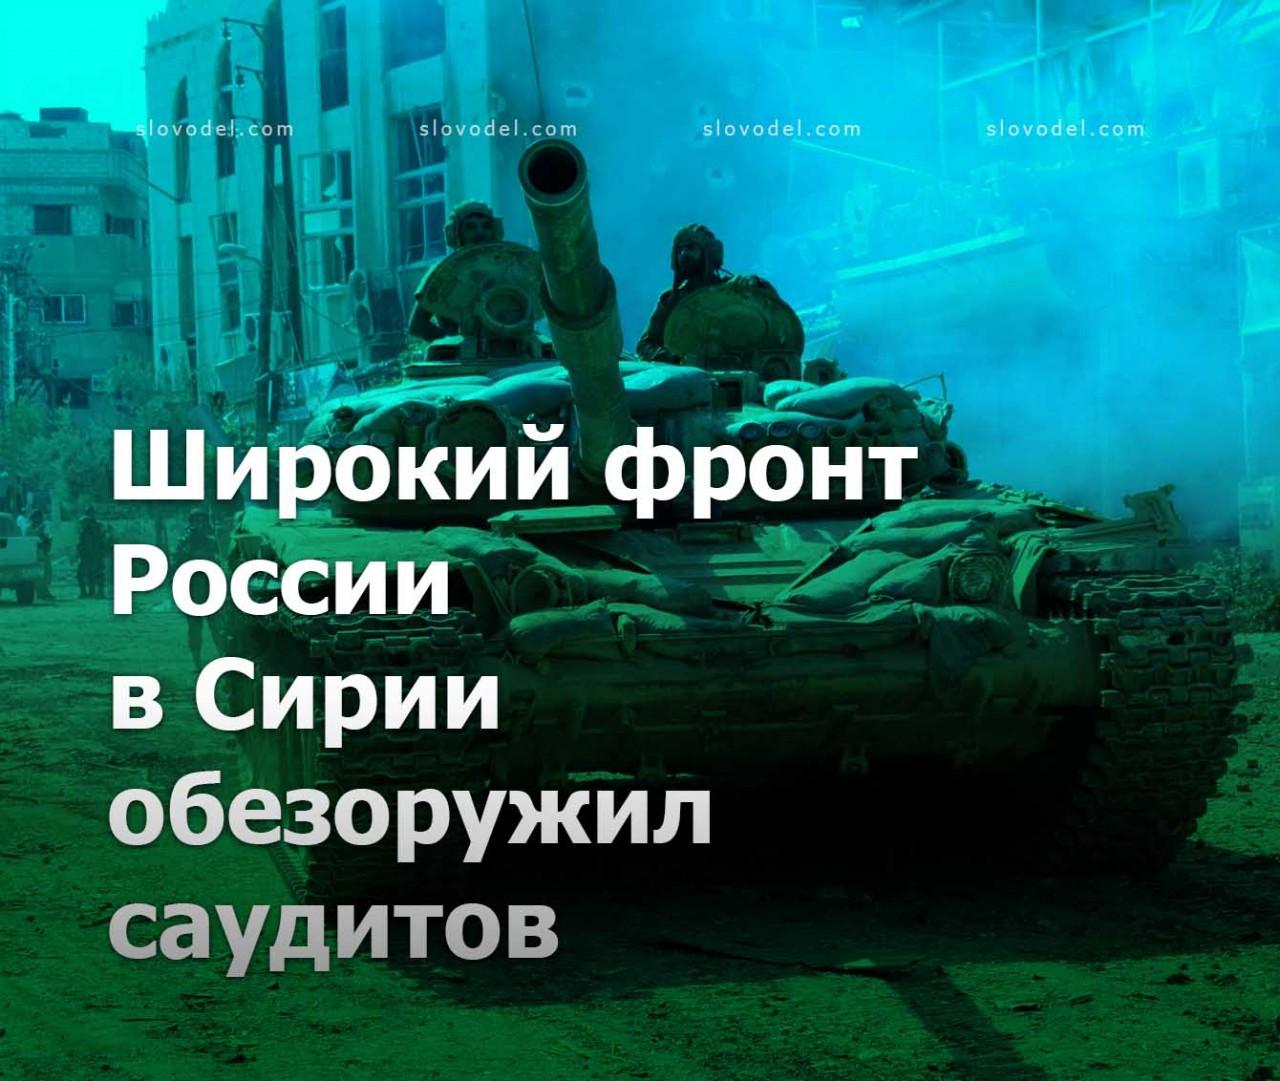 Широкий фронт России в Сирии обезоружил саудитов